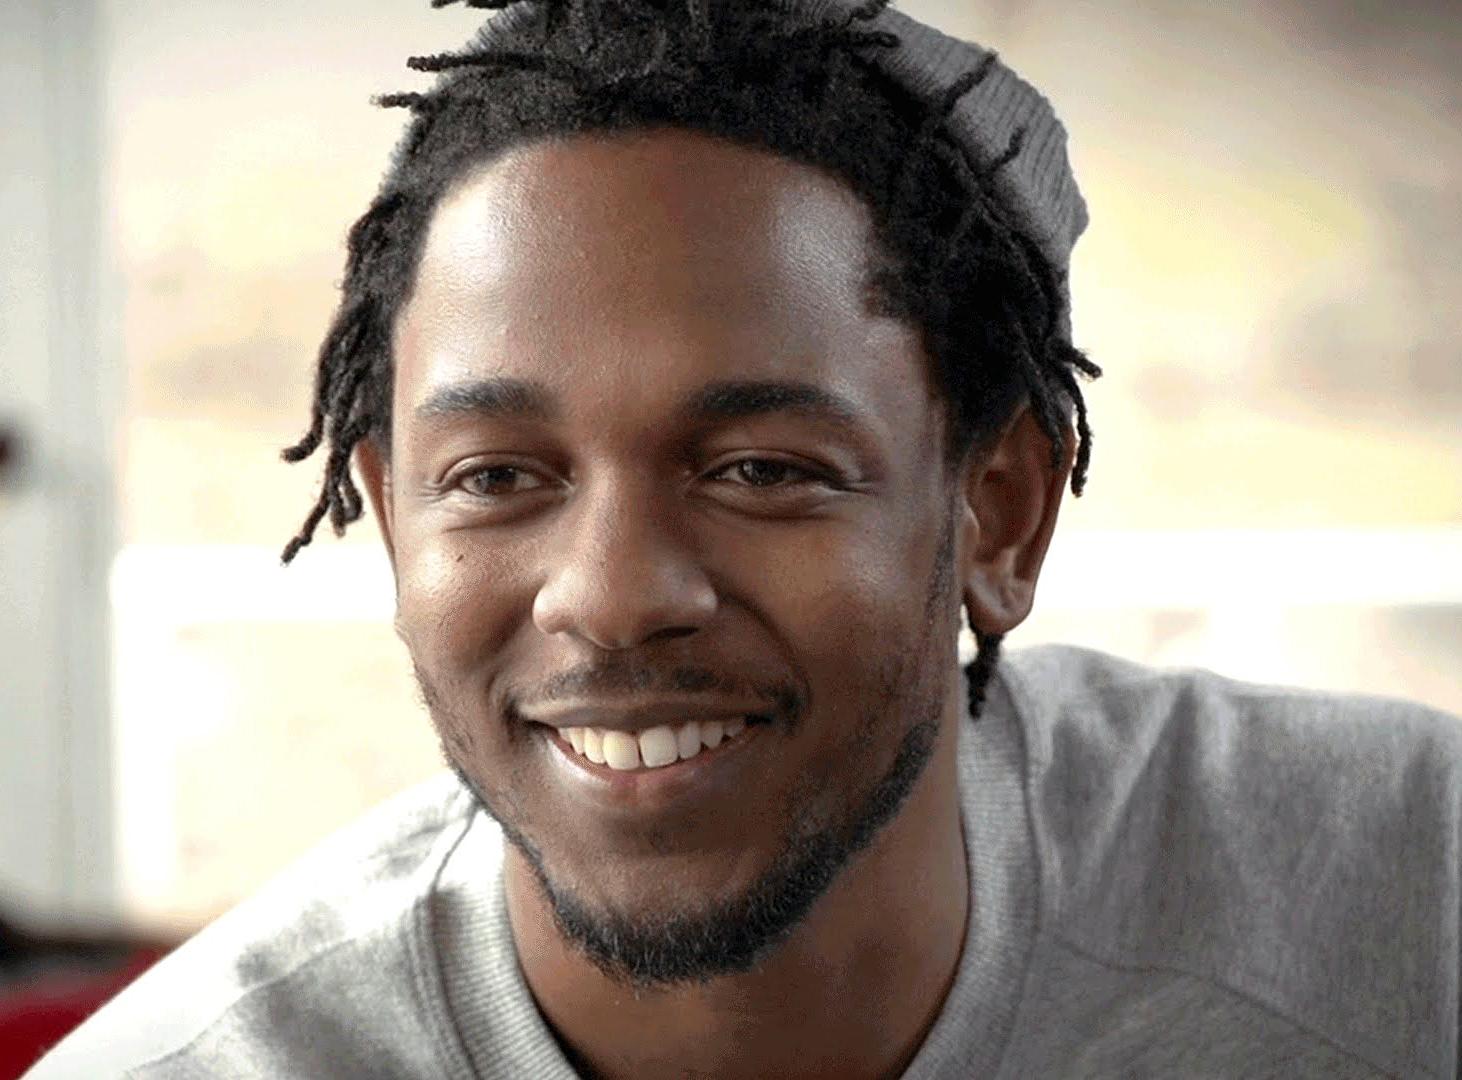 US rapper and recording artist Kendrick Lamar.